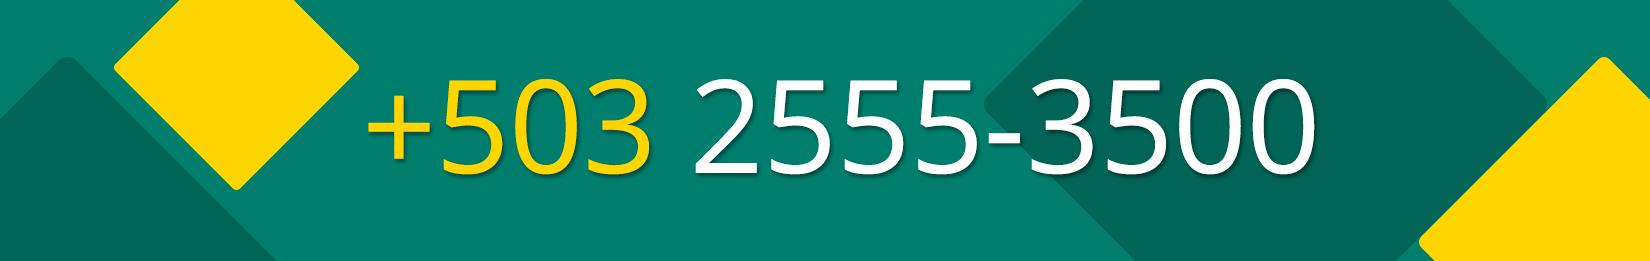 Teléfono FEDECACES +503 2555 3500